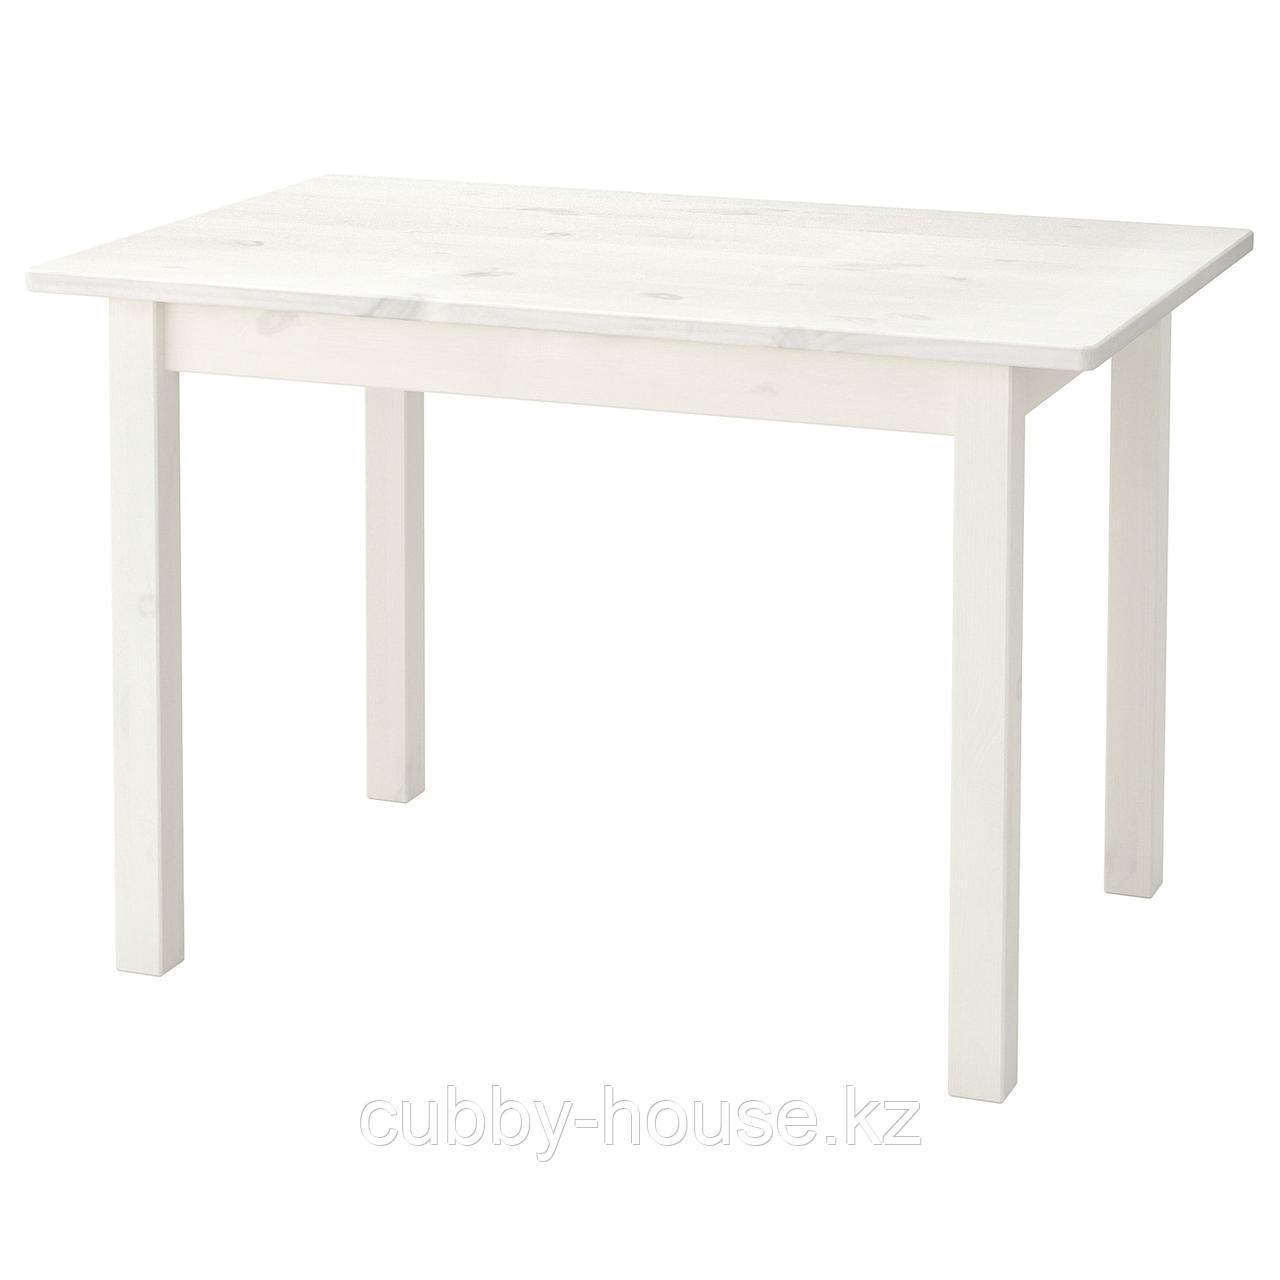 СУНДВИК Стол детский, белый, 76x50 см